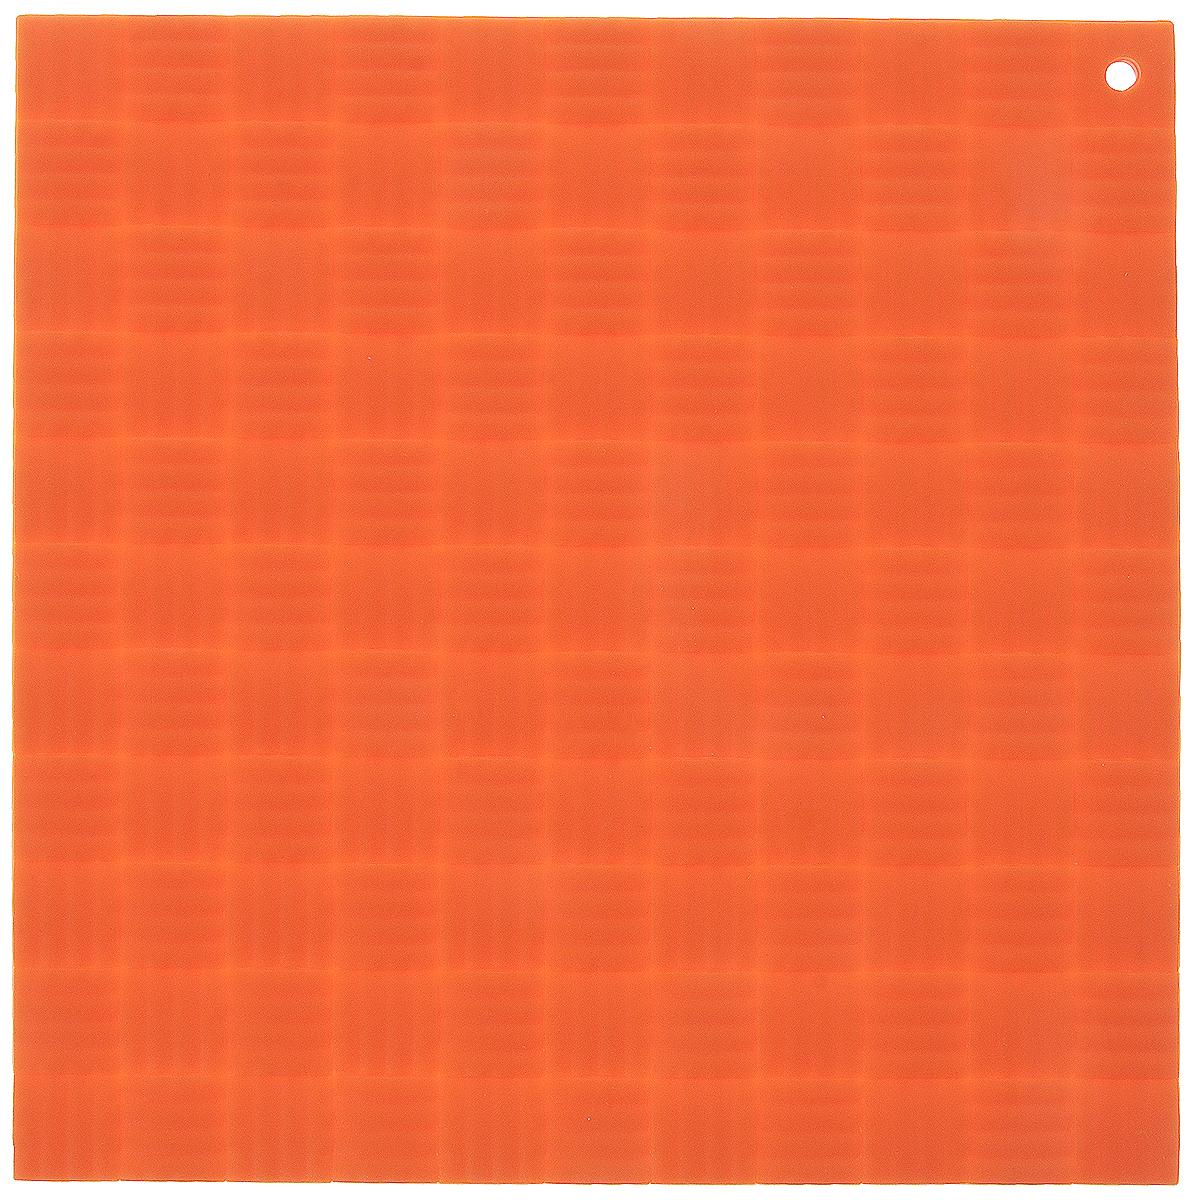 Подставка под горячее Paterra, силиконовая, цвет: оранжевый, 17,5 х 17,5 см402-499_оранжевыйПодставка под горячее Paterra изготовлена изсиликона и оснащена специальным отверстием дляподвешивания. Материал позволяет выдерживать высокиетемпературы и не скользит по поверхности стола. Каждая хозяйка знает, что подставка под горячее - этонезаменимый и очень полезный аксессуар на каждой кухне. Ваш стол будет не только украшен яркой иоригинальной подставкой, но и сбережен от воздействиявысоких температур.